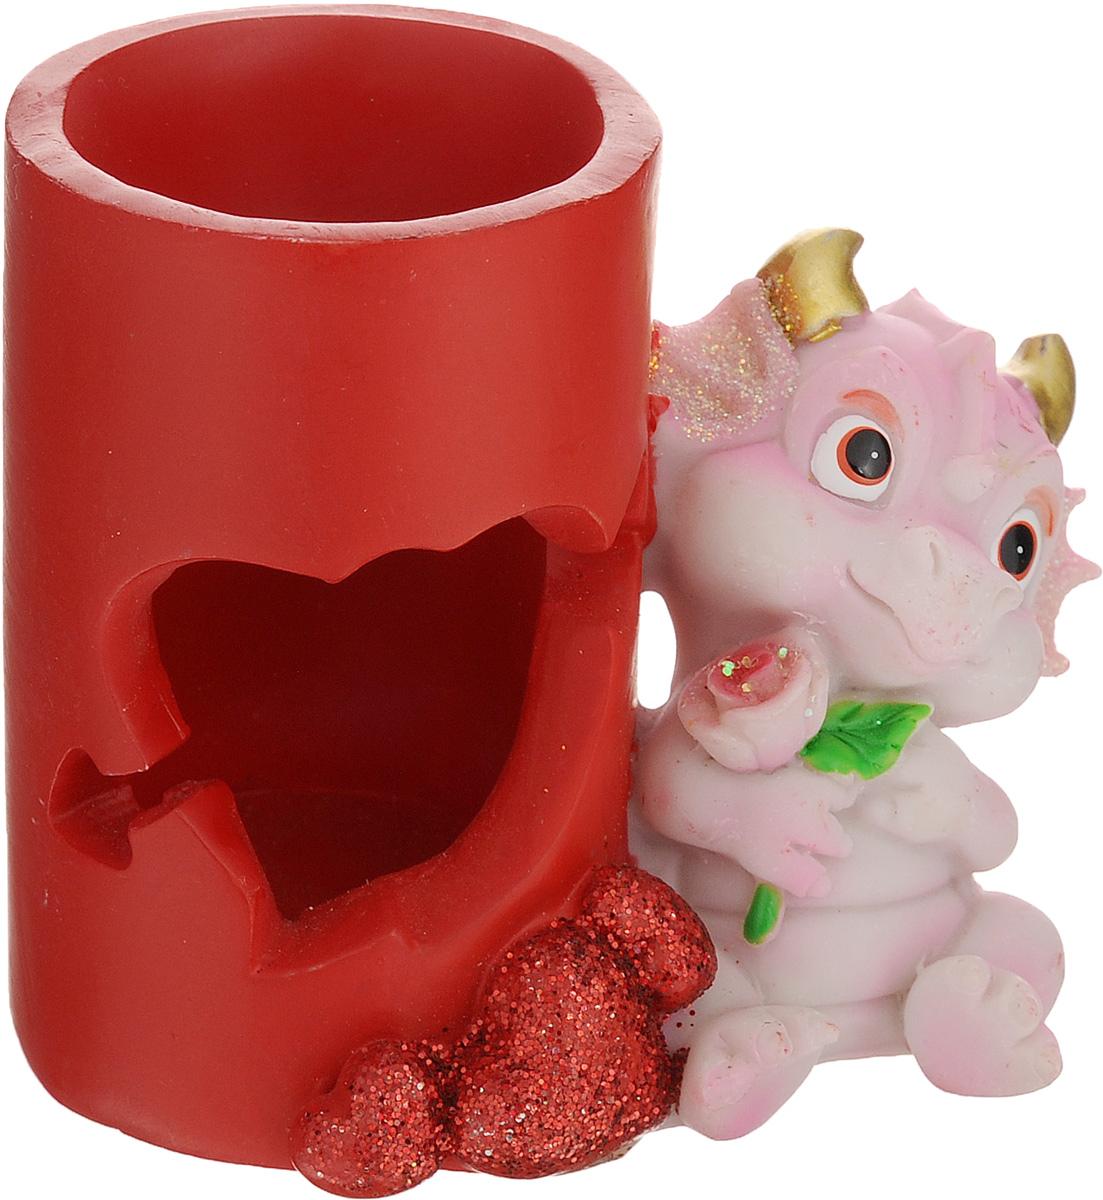 Статуэтка декоративная Lunten Ranta Розовый дракончик с розой, с подставкой для ручекTHN132NОчаровательная статуэтка Lunten Ranta Розовый дракончик с розой станет оригинальным подарком для всех любителей стильных вещей. Она выполнена из полирезина в виде забавного дракончика и имеет удобную поставку для ручек. Изысканный сувенир станет прекрасным дополнением к интерьеру. Вы можете поставить статуэтку в любом месте, где она будет удачно смотреться и радовать глаз. Общий размер статуэтки (с учетом подставки): 8,5 х 5 х 7 см. Размер подставки: 4,5 х 4,5 х 7 см.